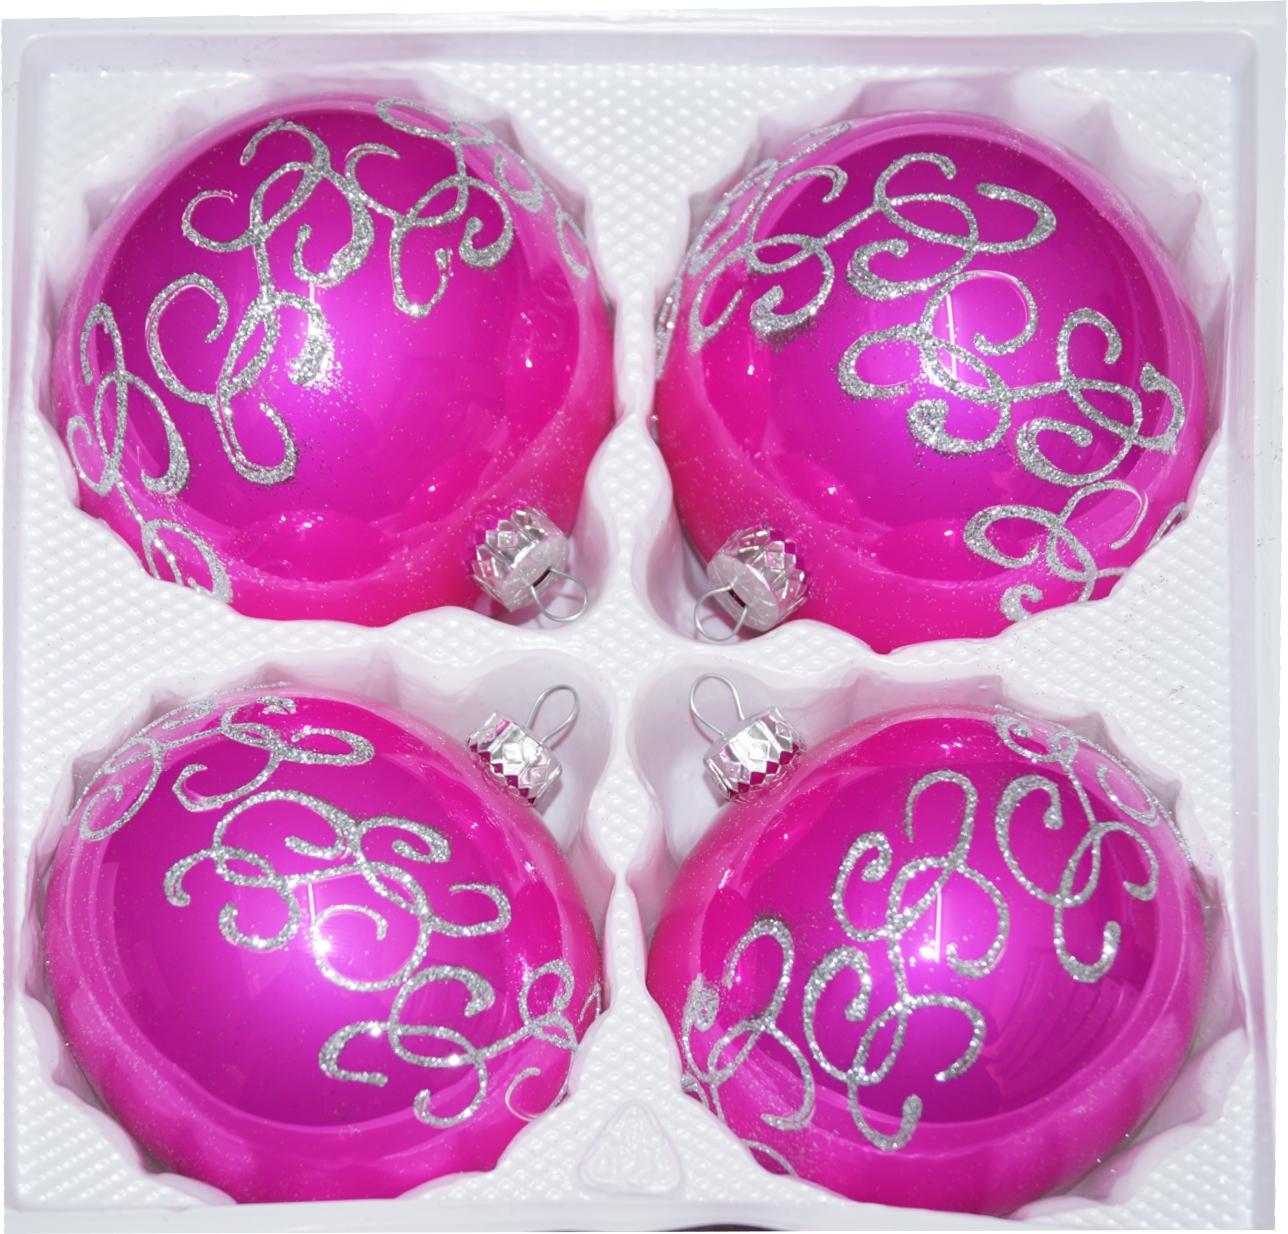 Weihnachtskugeln Pink.4 Tlg Glas Weihnachtskugeln Set 8cm ø In Hochglanz Pink Silberne Ornamente